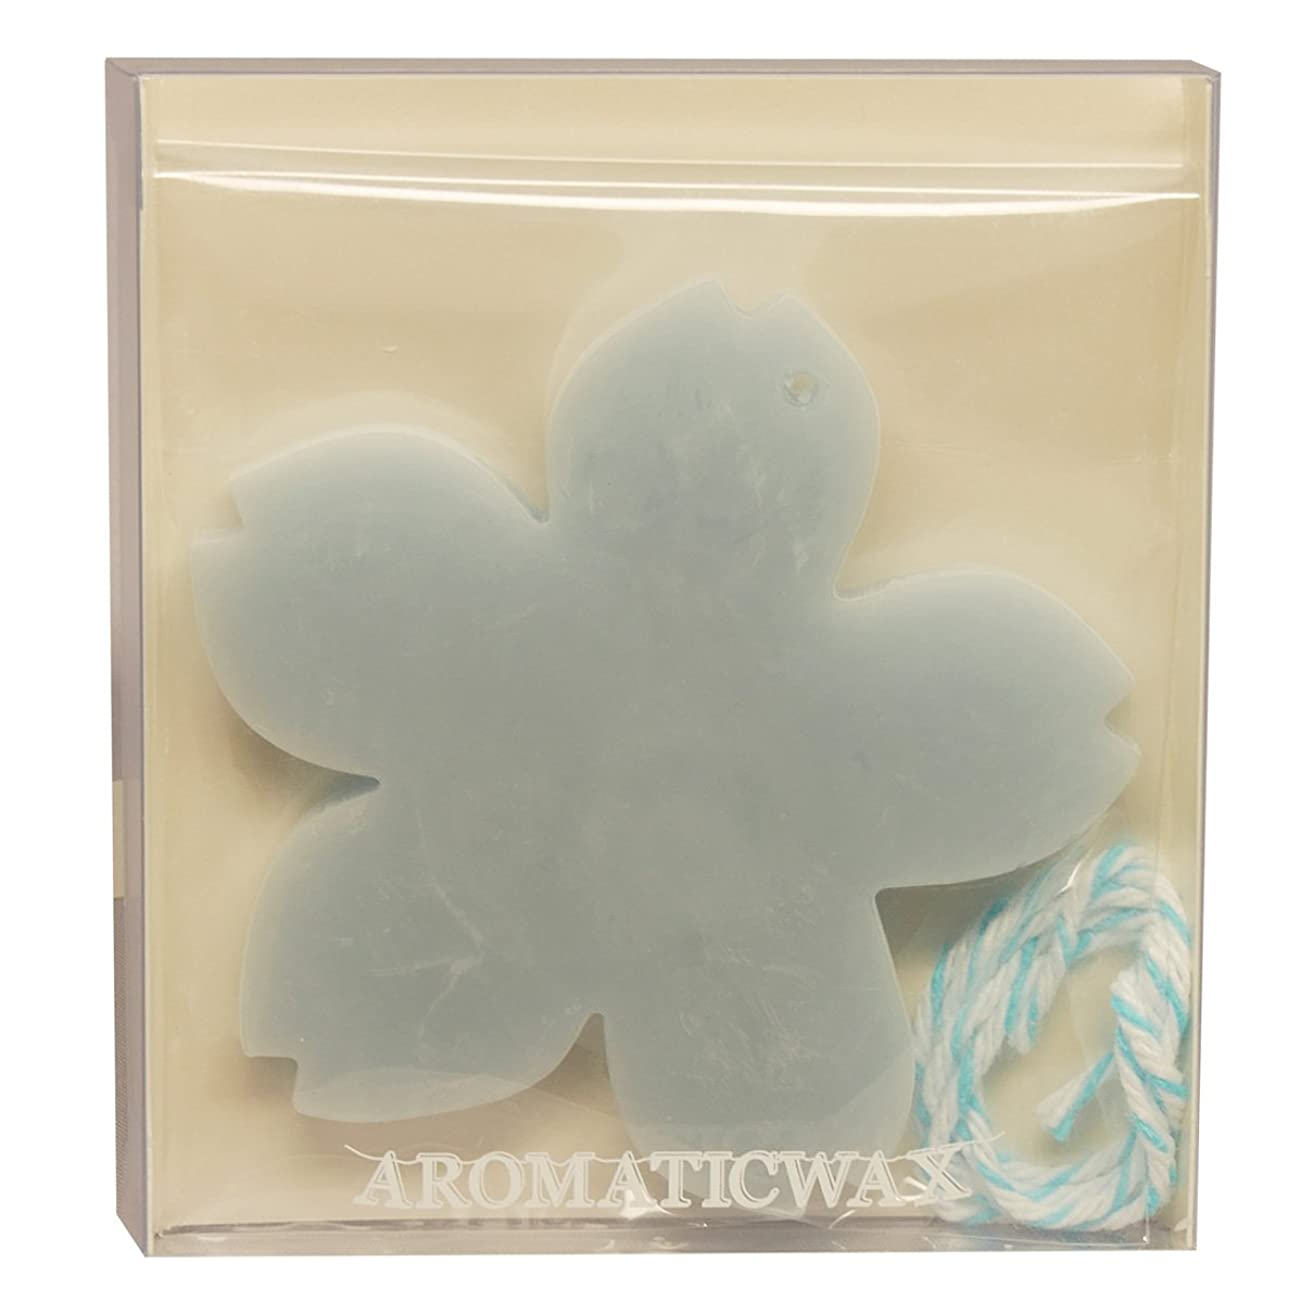 乳白色実行する弱いGRASSE TOKYO AROMATICWAXチャーム「さくら」(BL) ローズマリー アロマティックワックス グラーストウキョウ